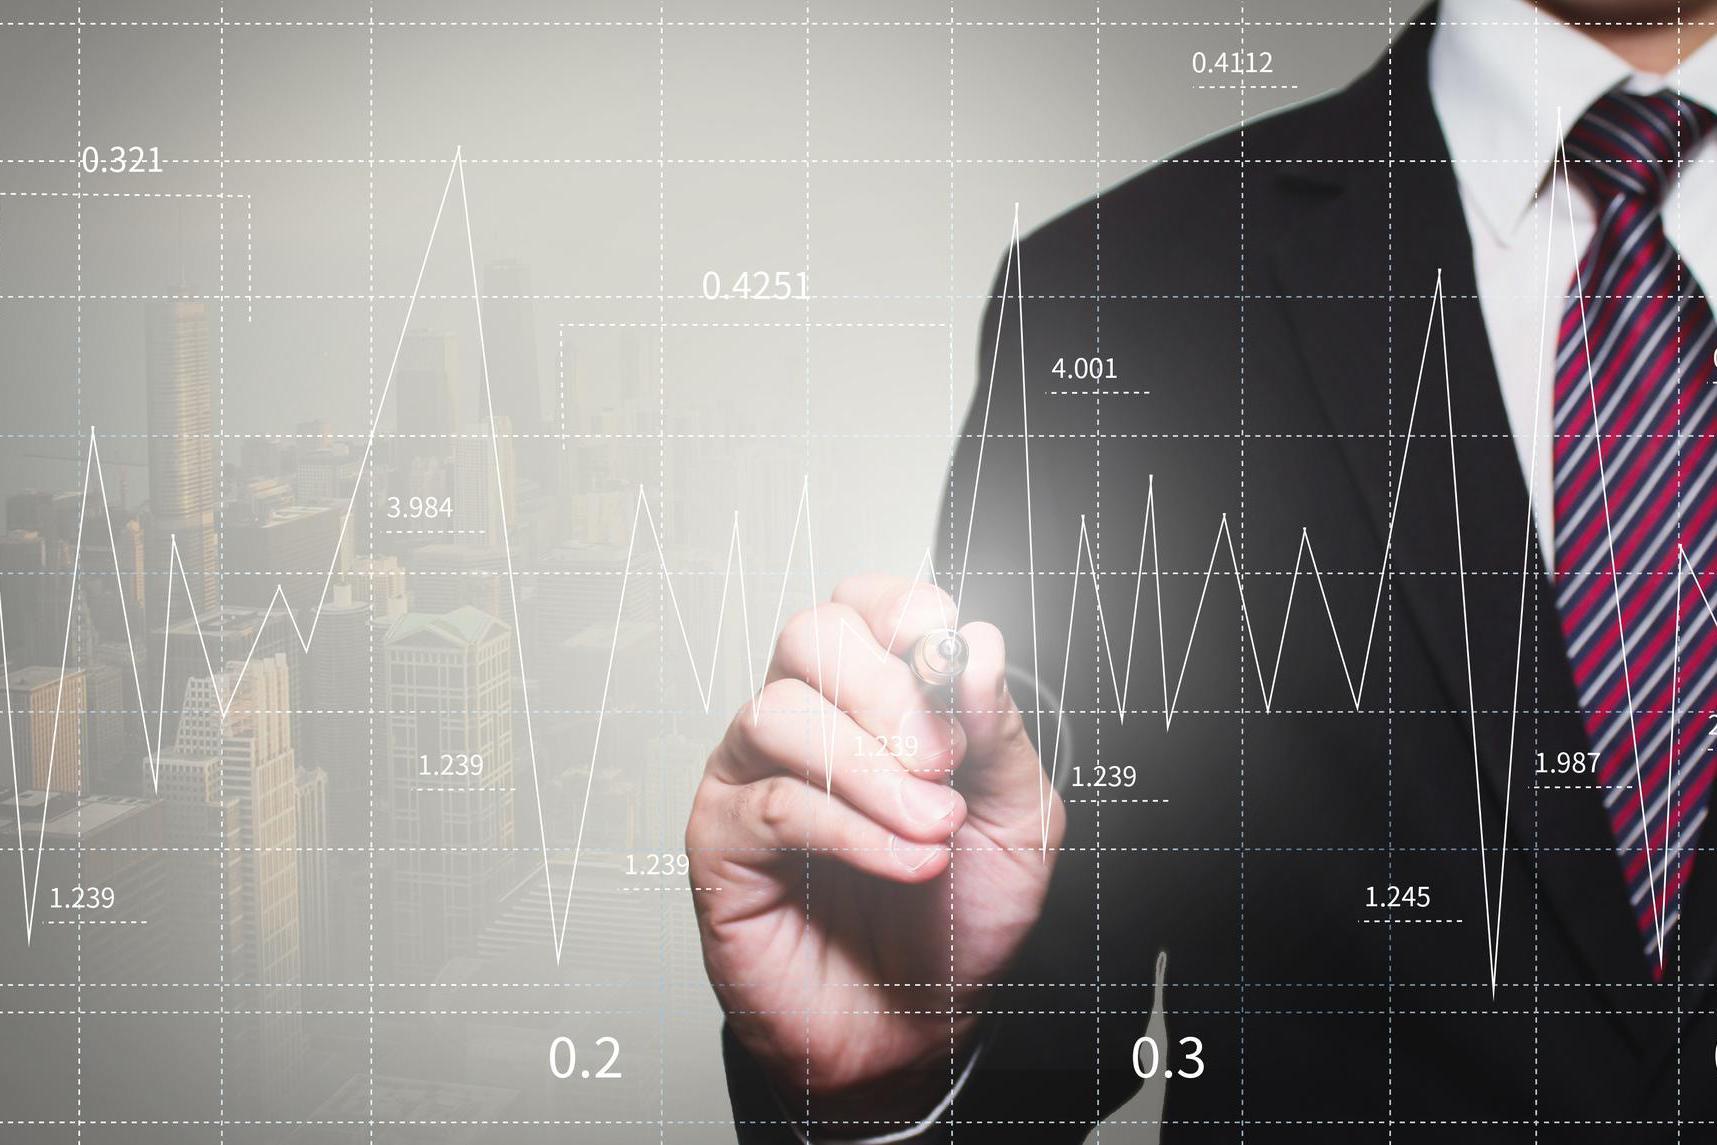 利率并轨:如何推进?对大类资产有何影响?